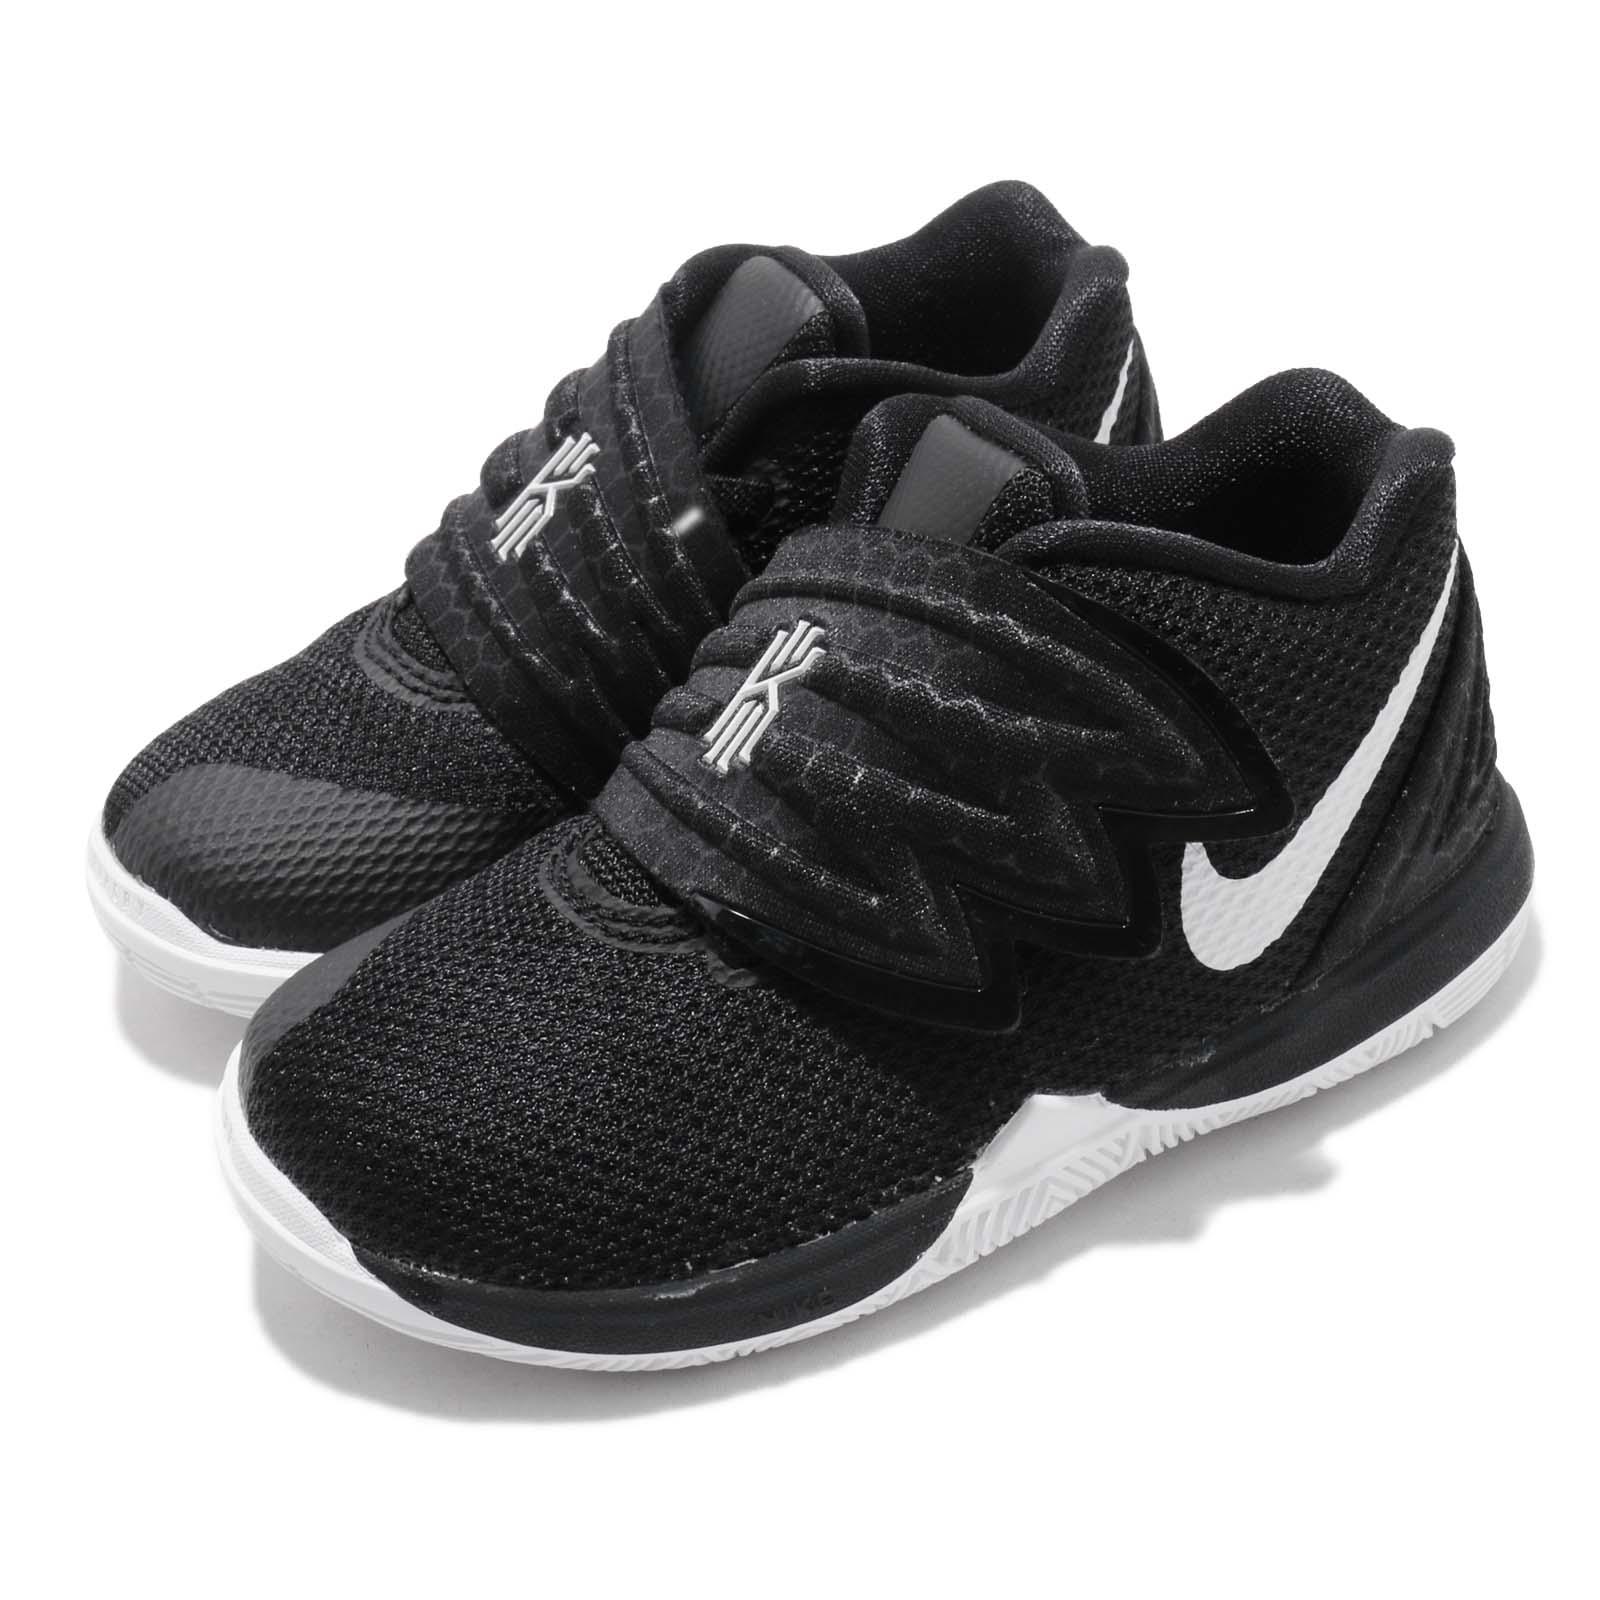 Nike 籃球鞋 Kyrie 5 明星款 運動 童鞋 AQ2459-901